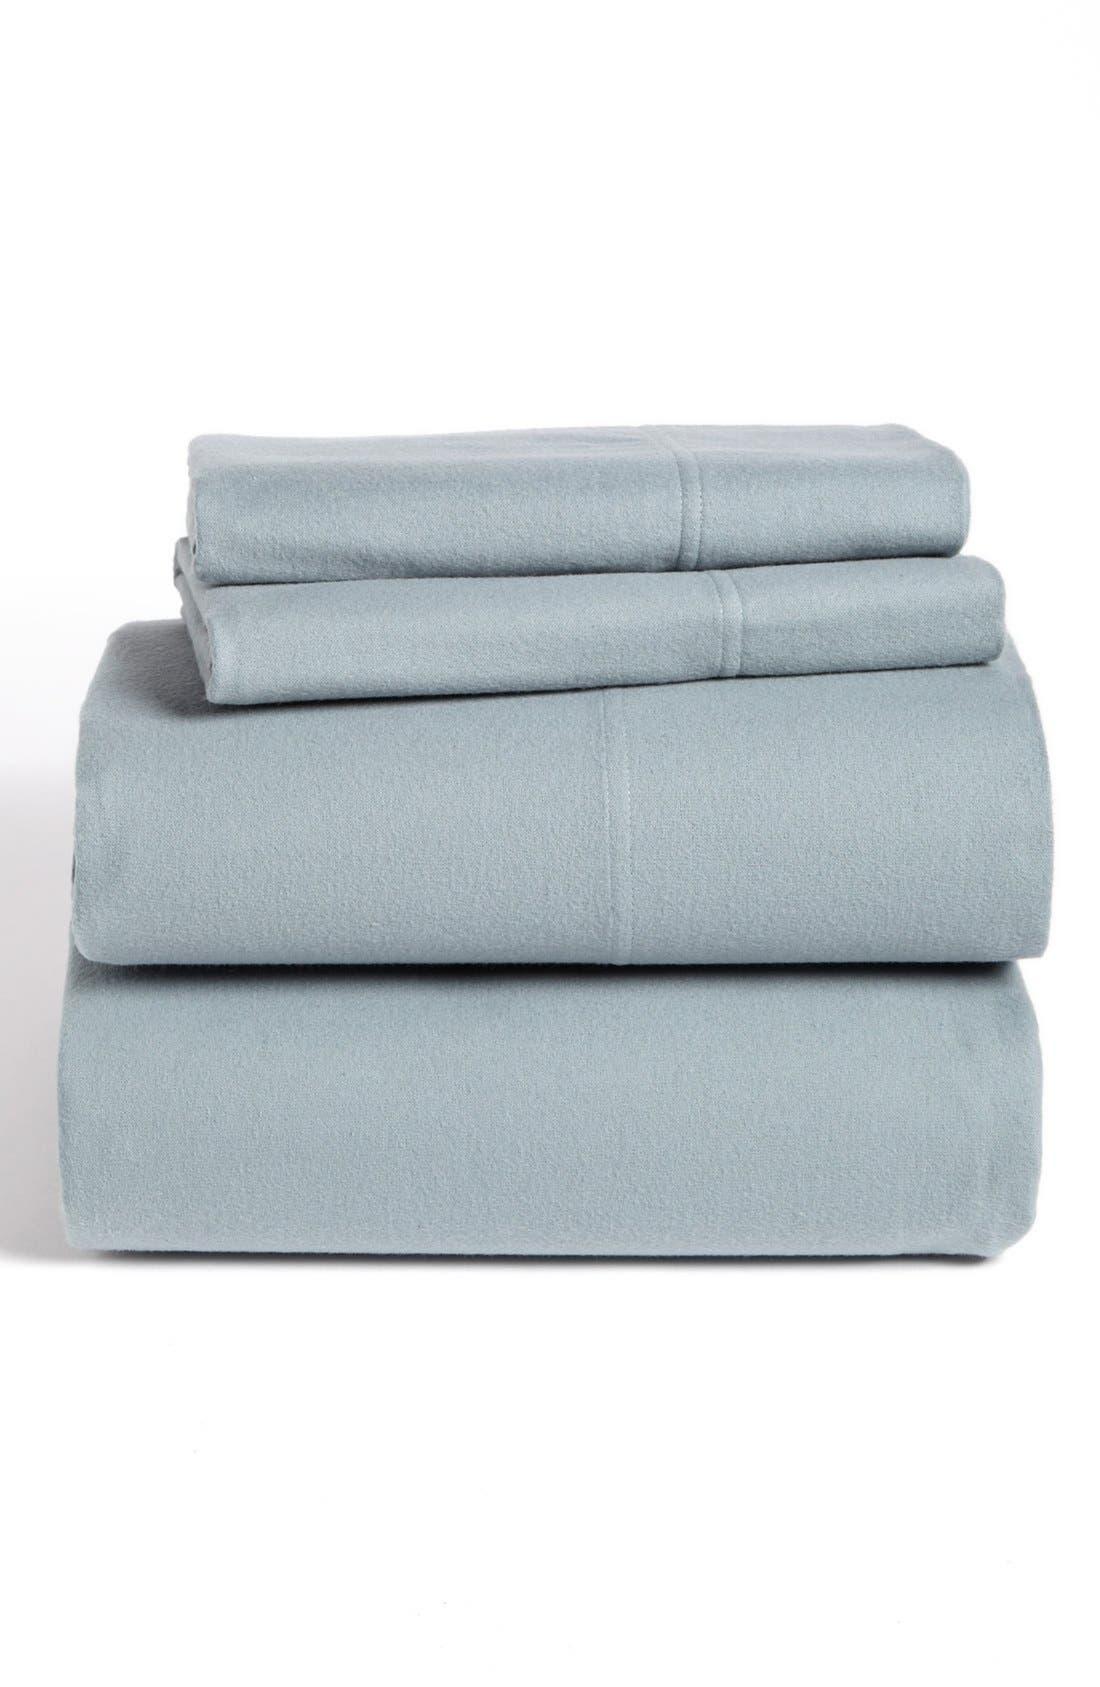 Alternate Image 1 Selected - Nordstrom at Home Flannel Sheet Set